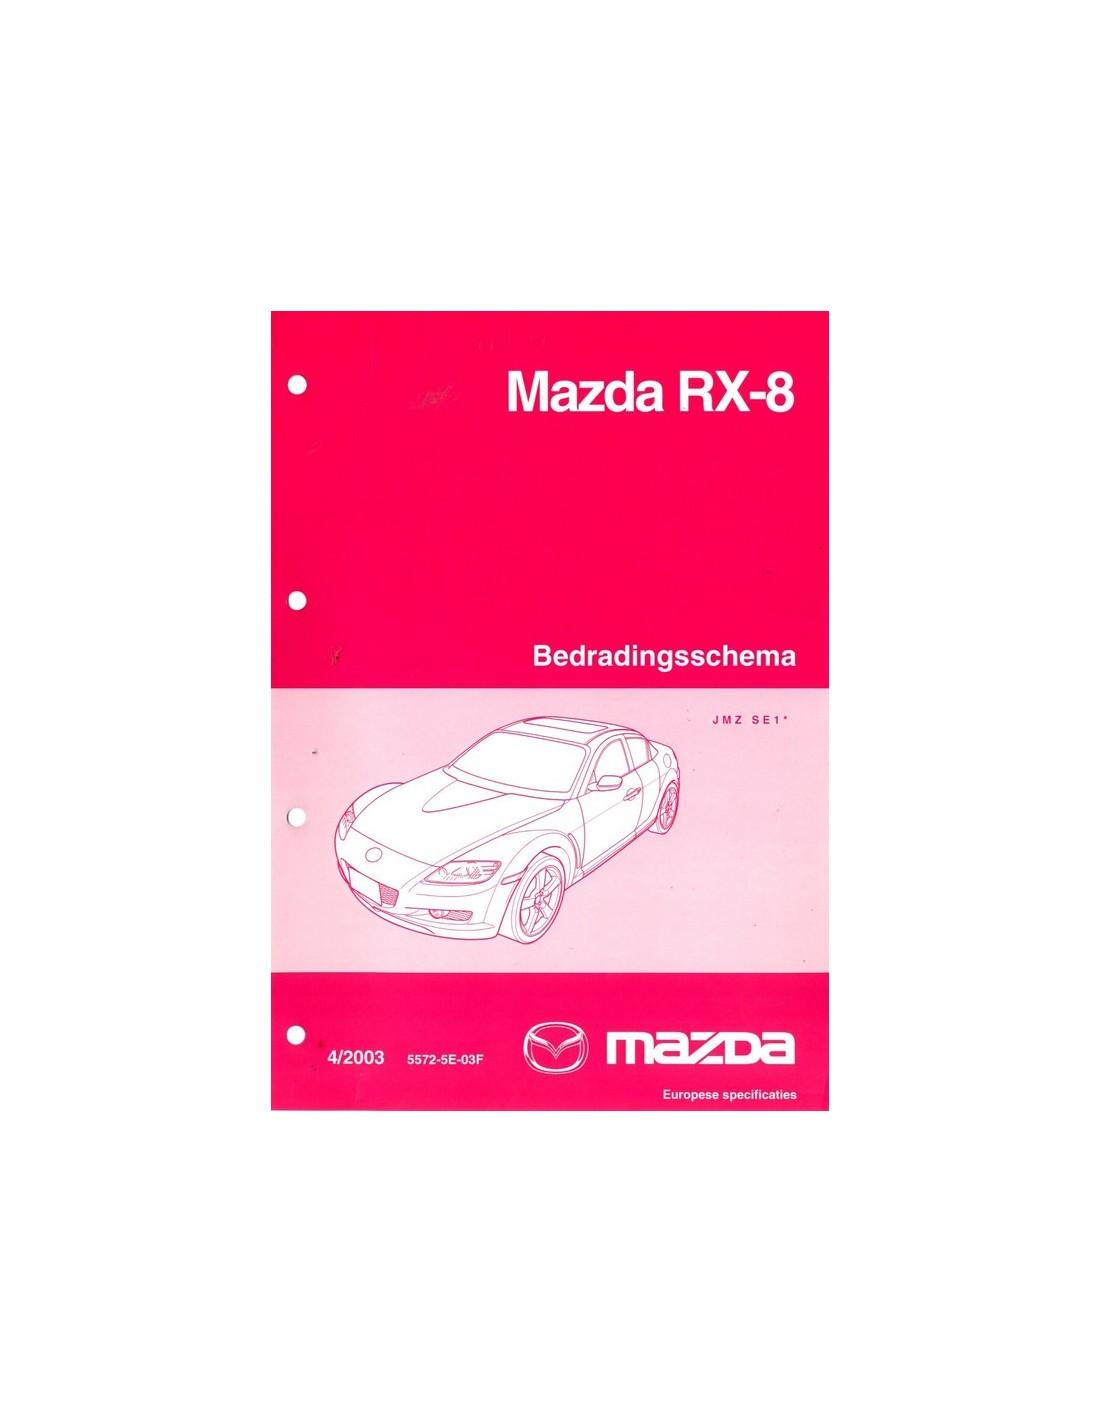 2003 MAZDA MAZDA RX-8 ELEKTRIKPLAN SCHALTPLAN WERKSTATTHANDBUCH NIE...